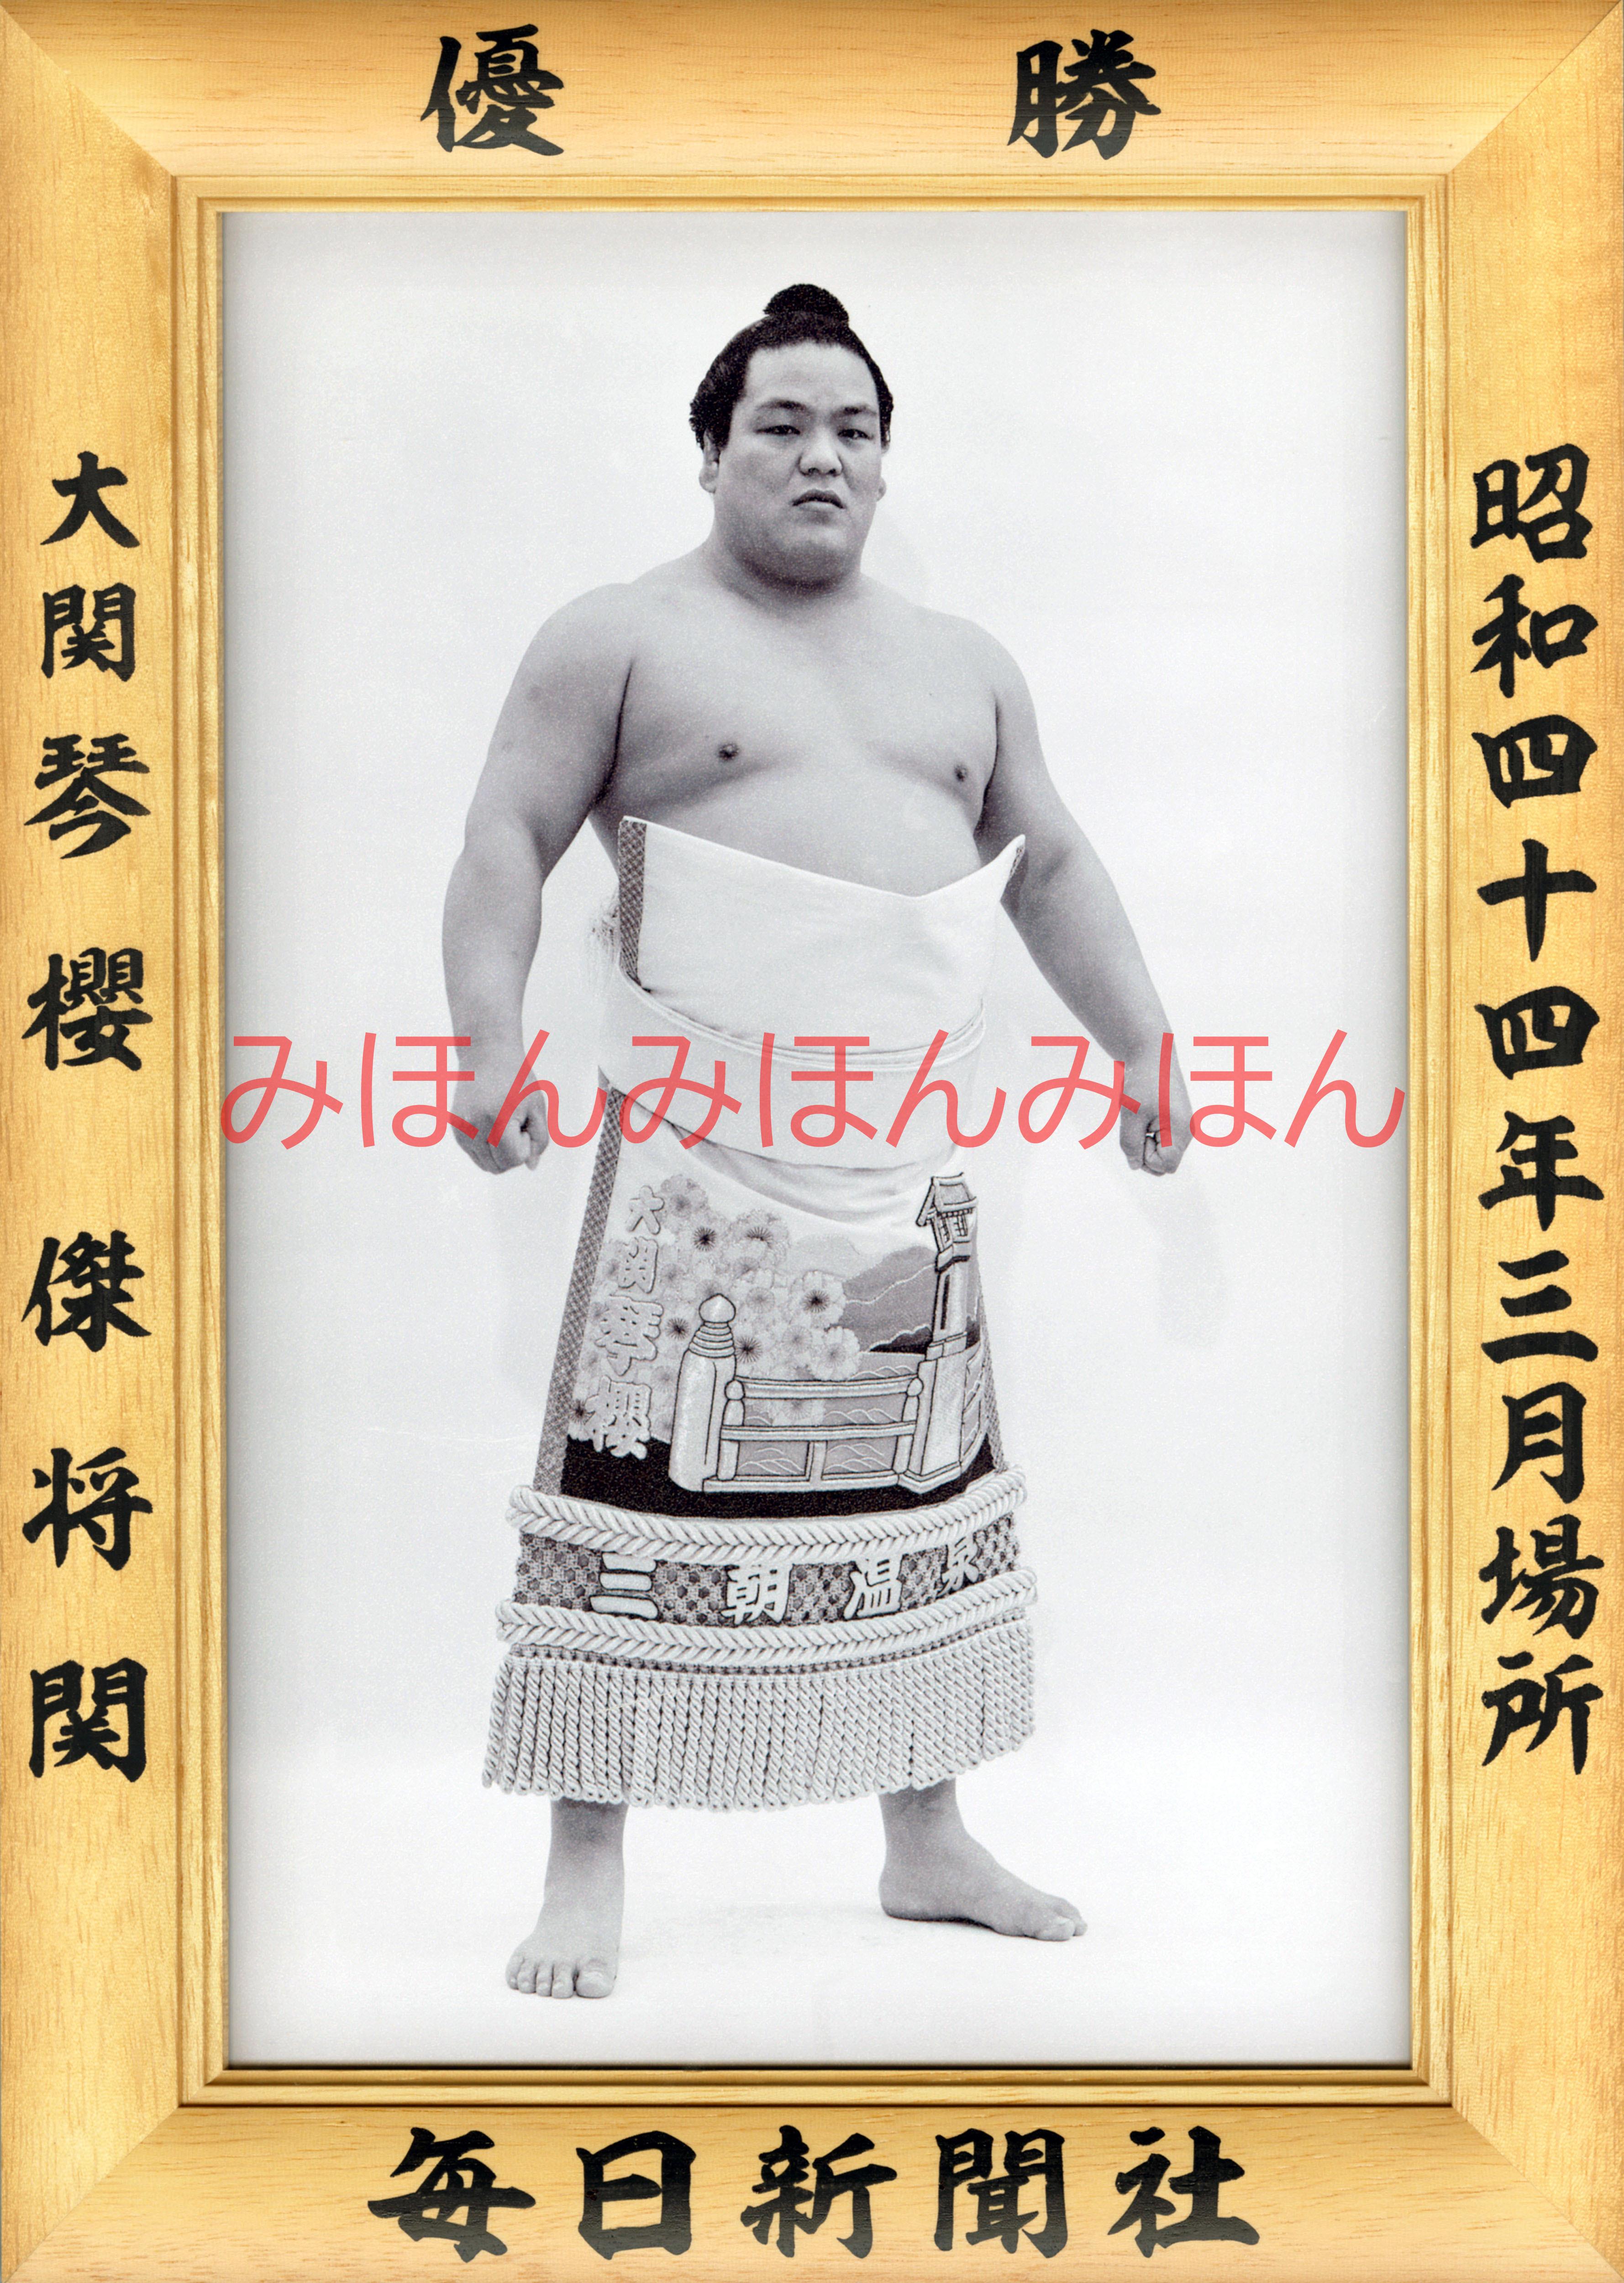 昭和44年3月場所優勝 大関 琴櫻傑将関(2回目の優勝)